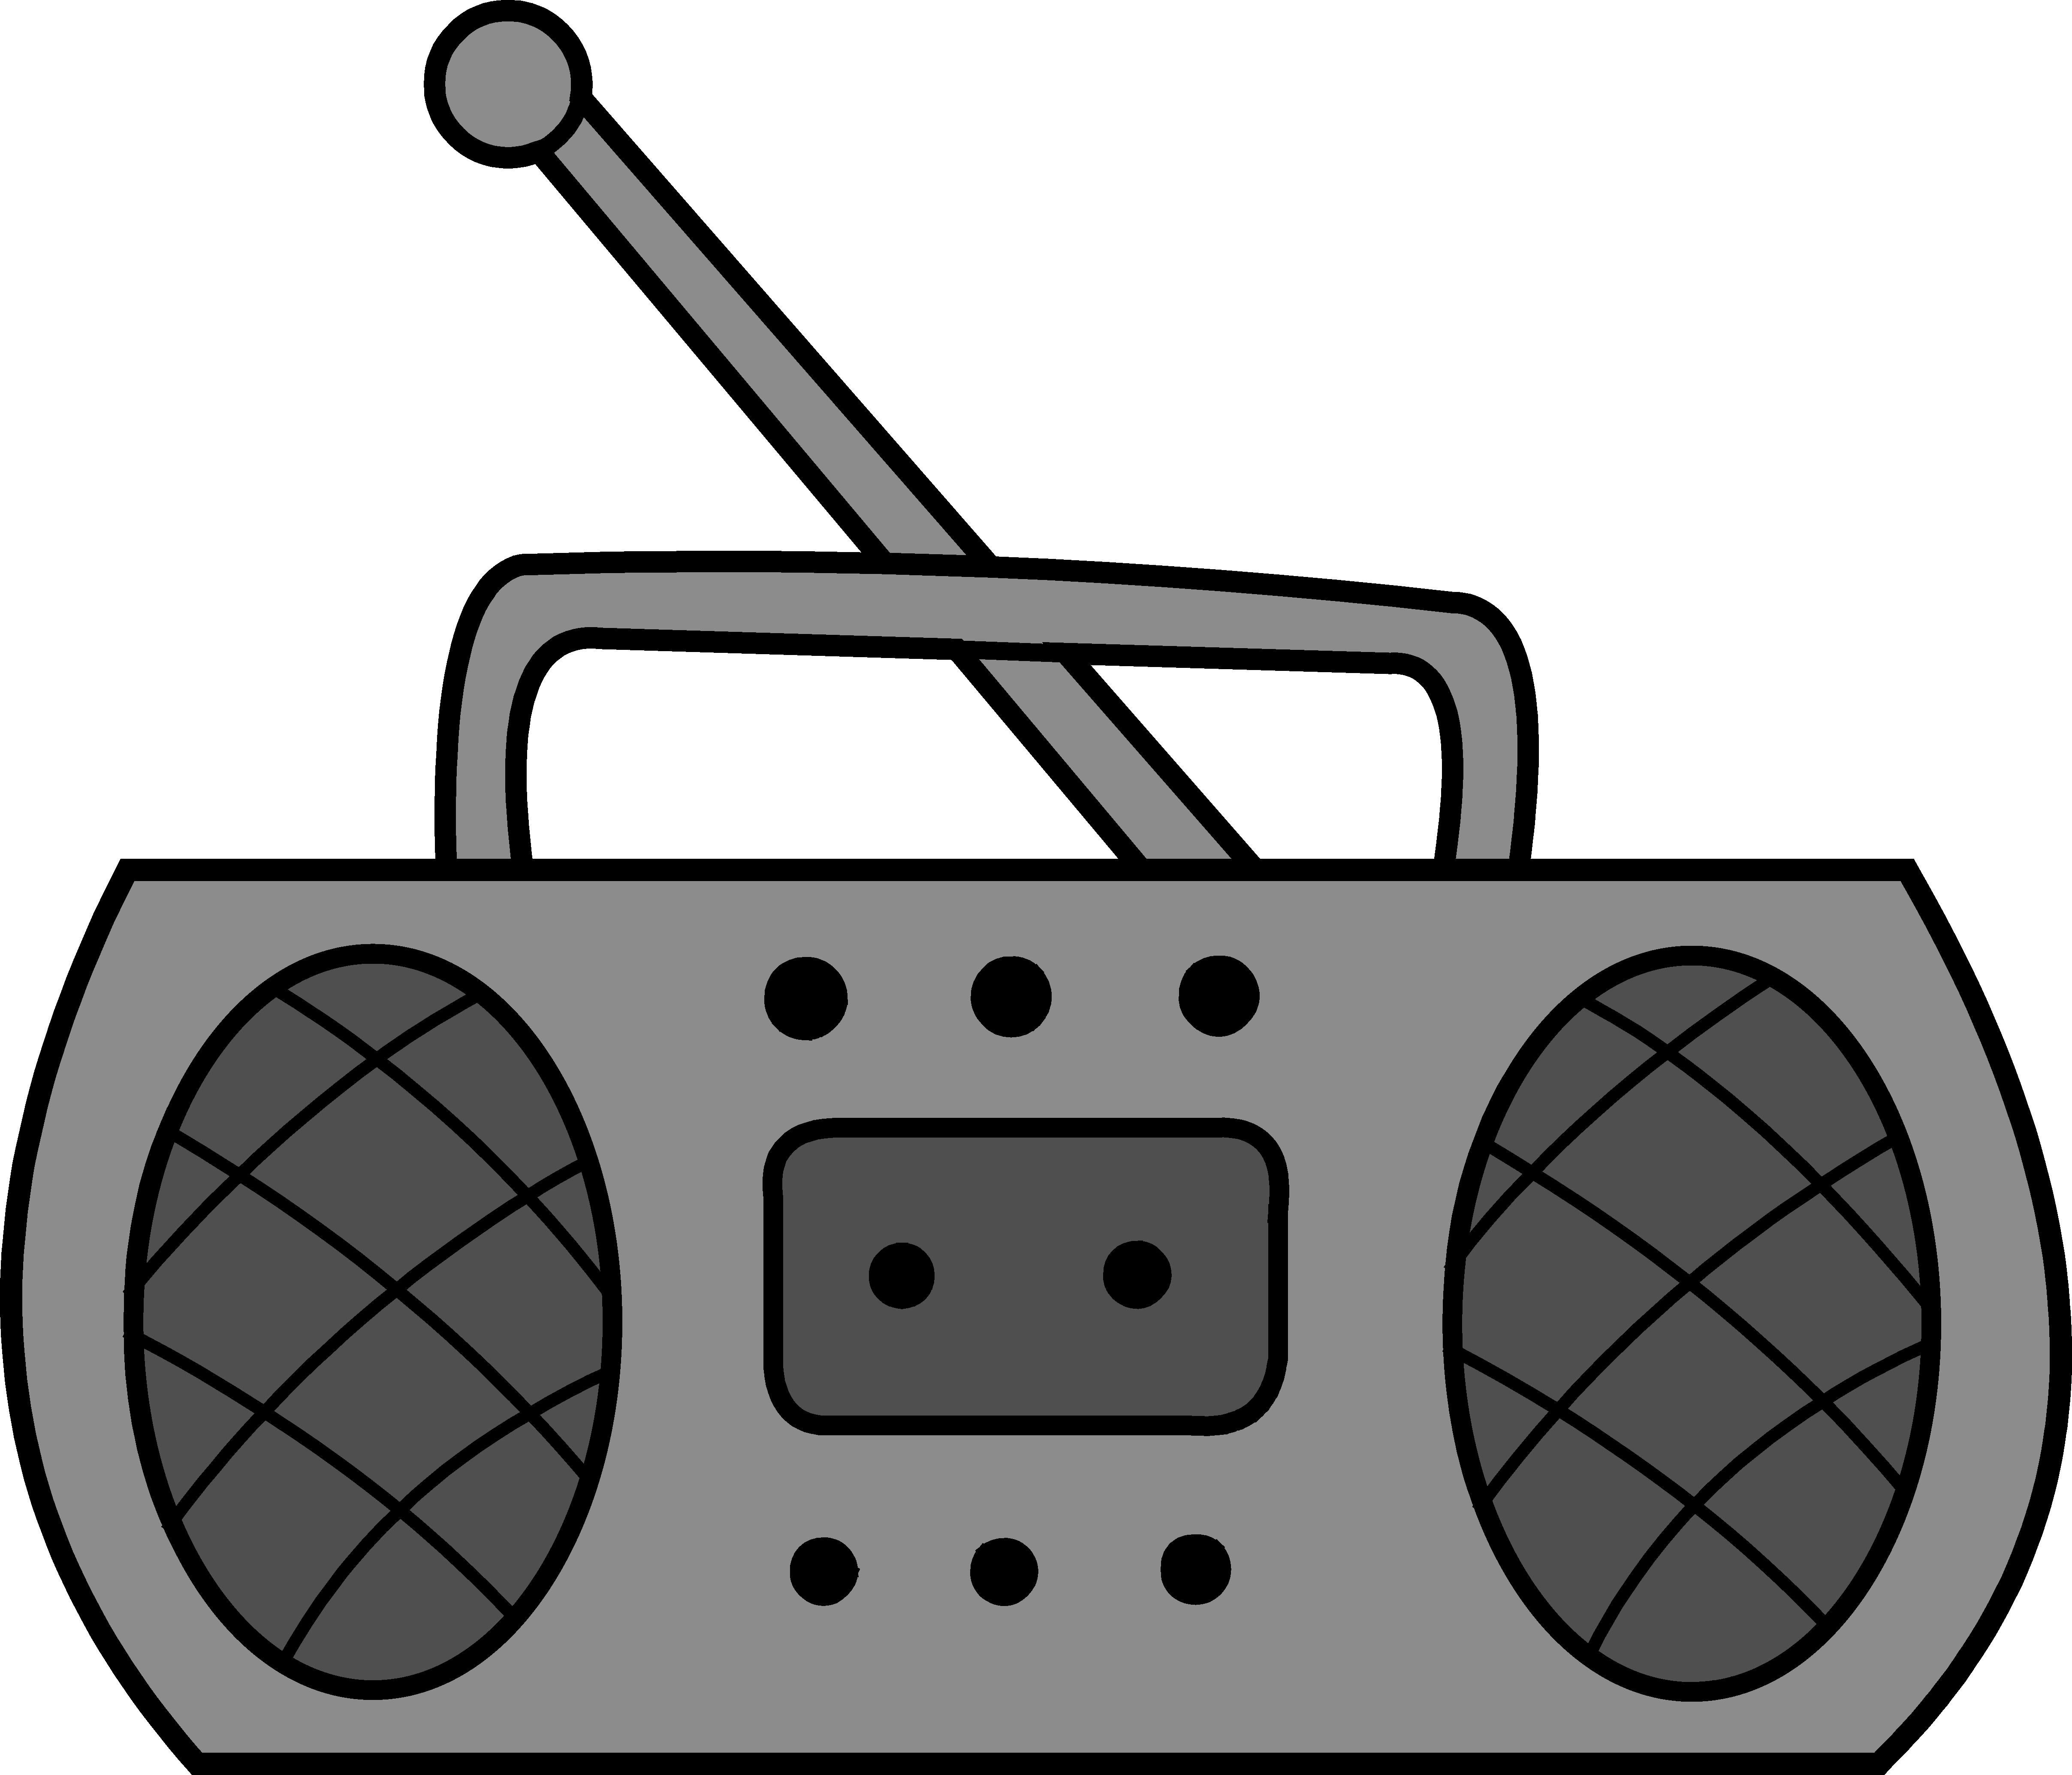 Cute Radio Clipart Design.